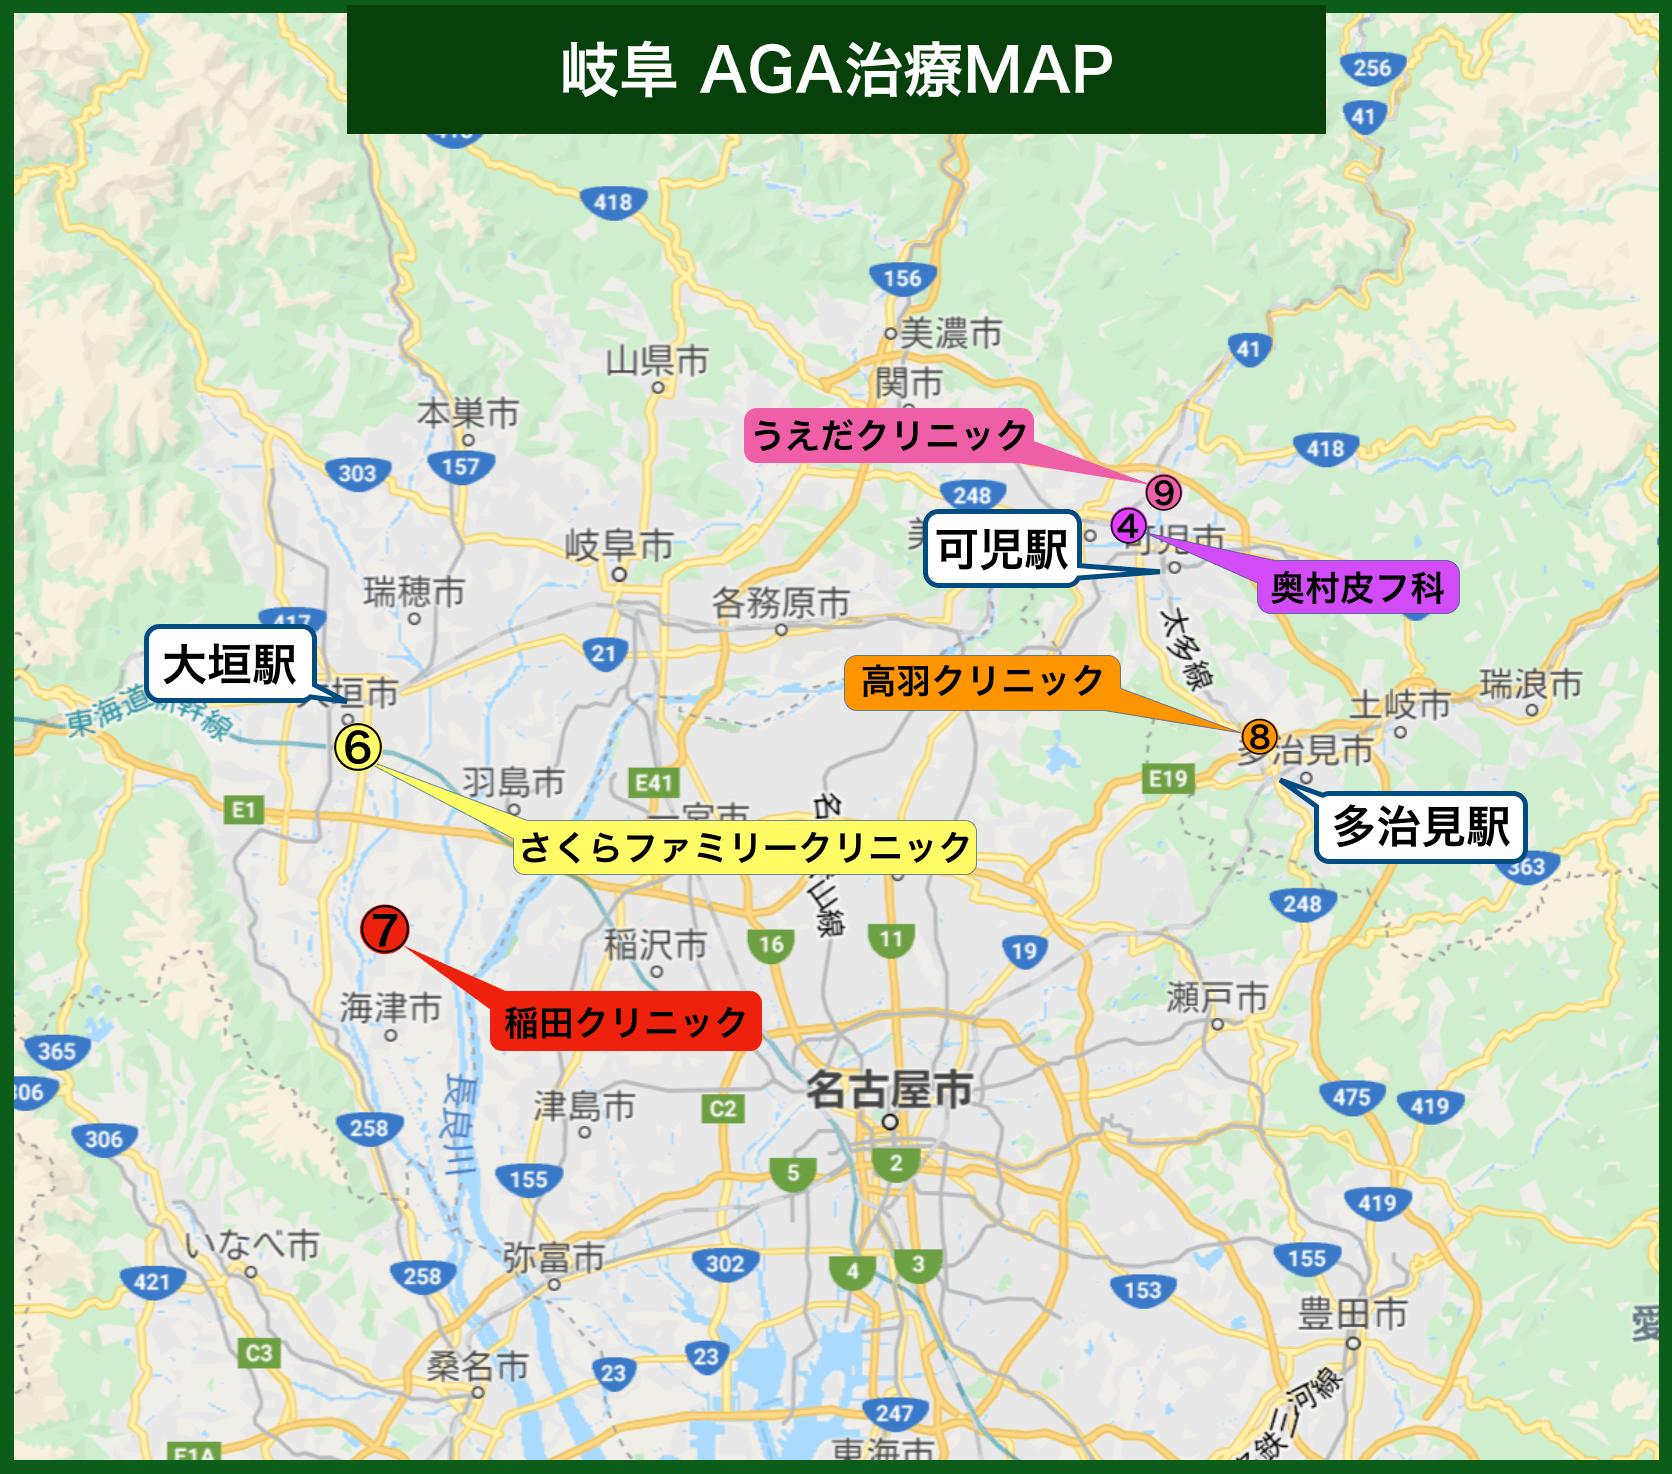 岐阜AGA治療MAP(2019年版)